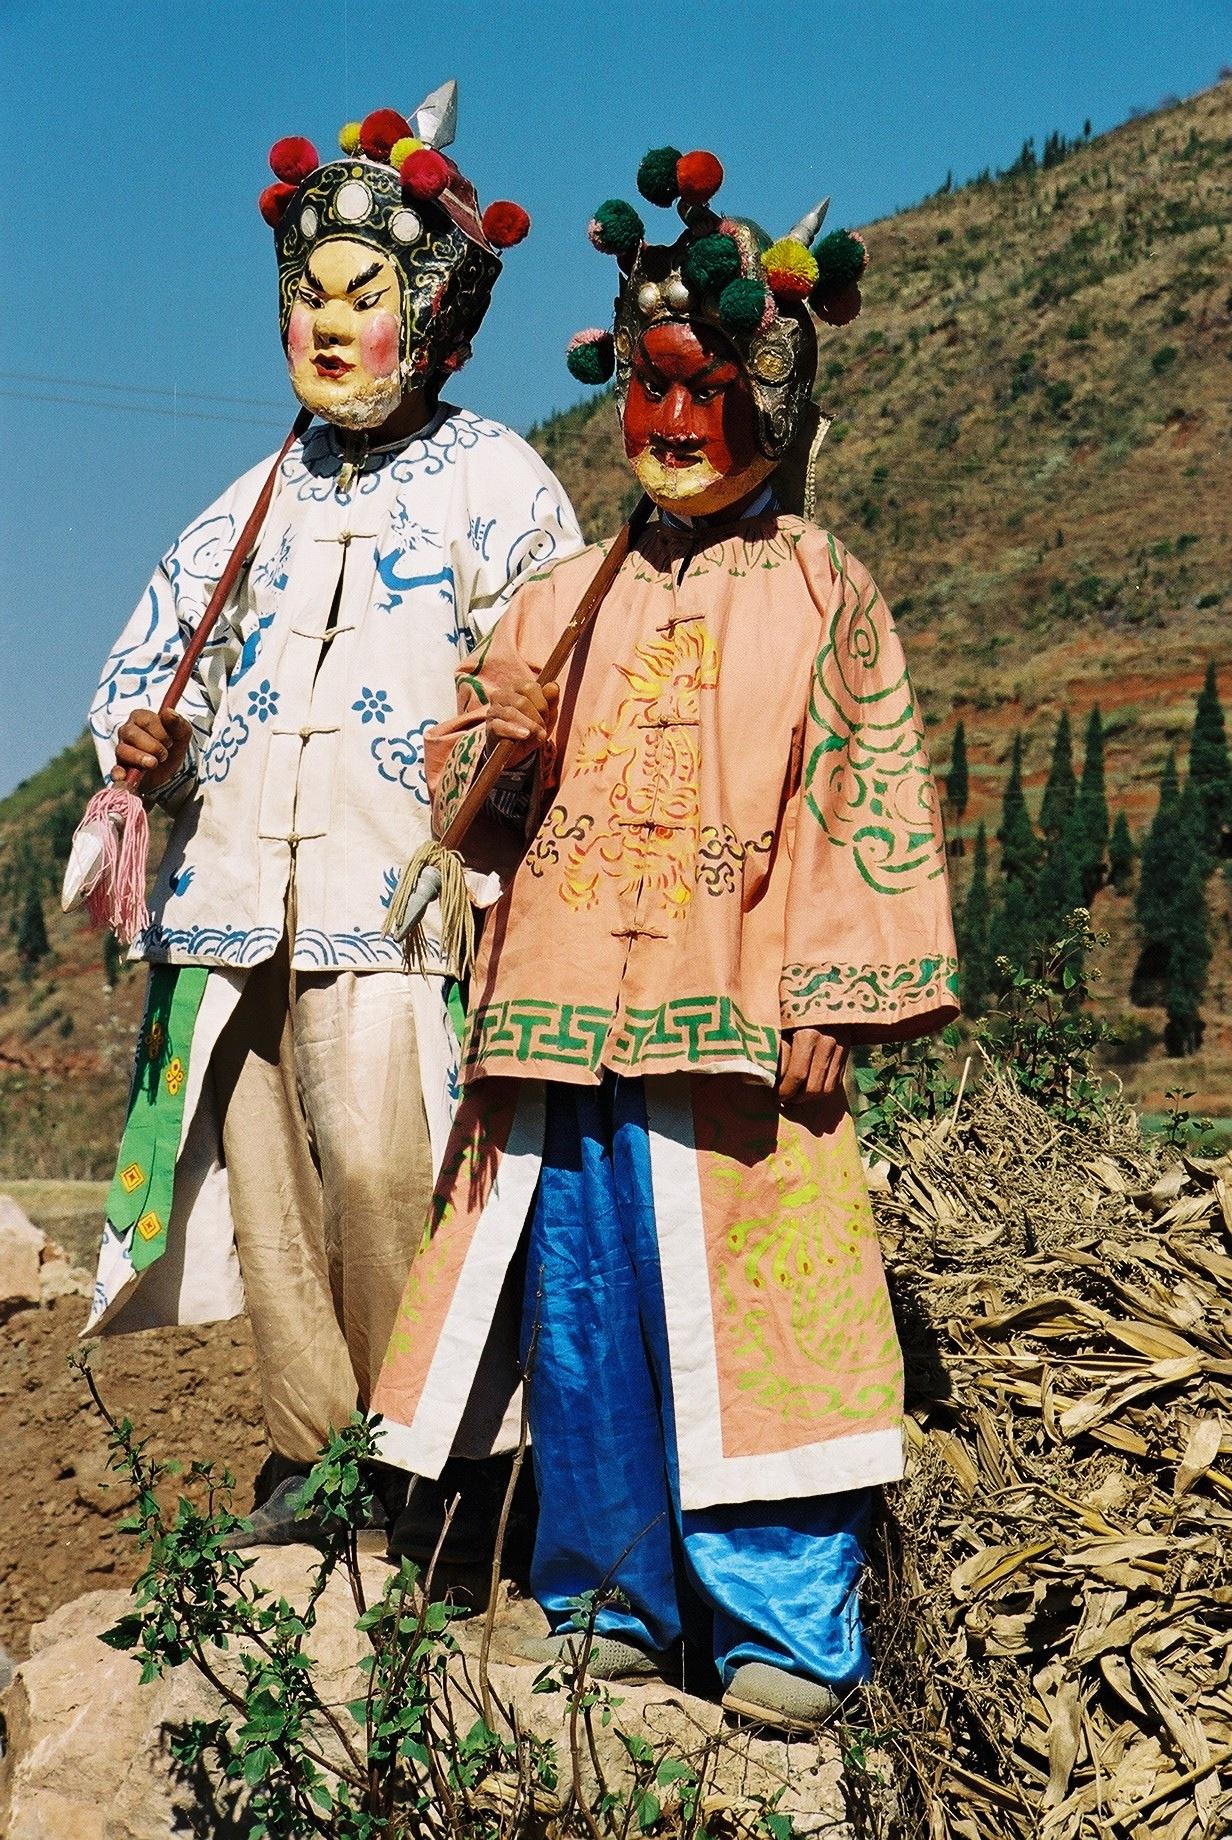 Acteurs du Théâtre de Guan Suo. Le personnage de Guan Suo est à droite, avec le visage presque entièrement rouge.